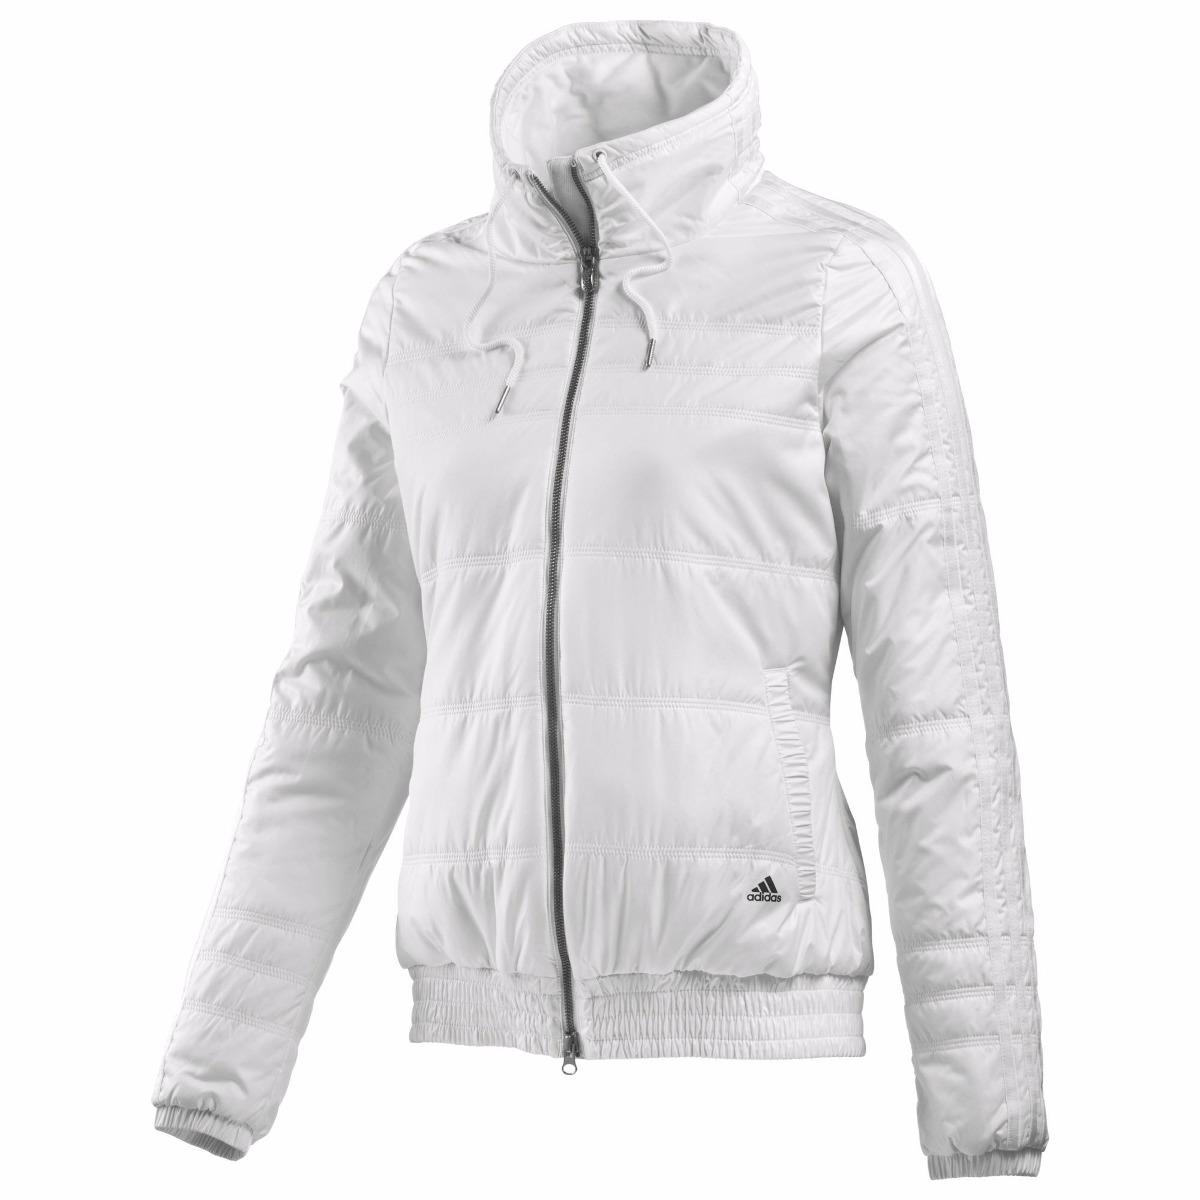 Deporfan adidas Blanca Camperon Acolchada Mujer Abrigo rBsQxhCtd